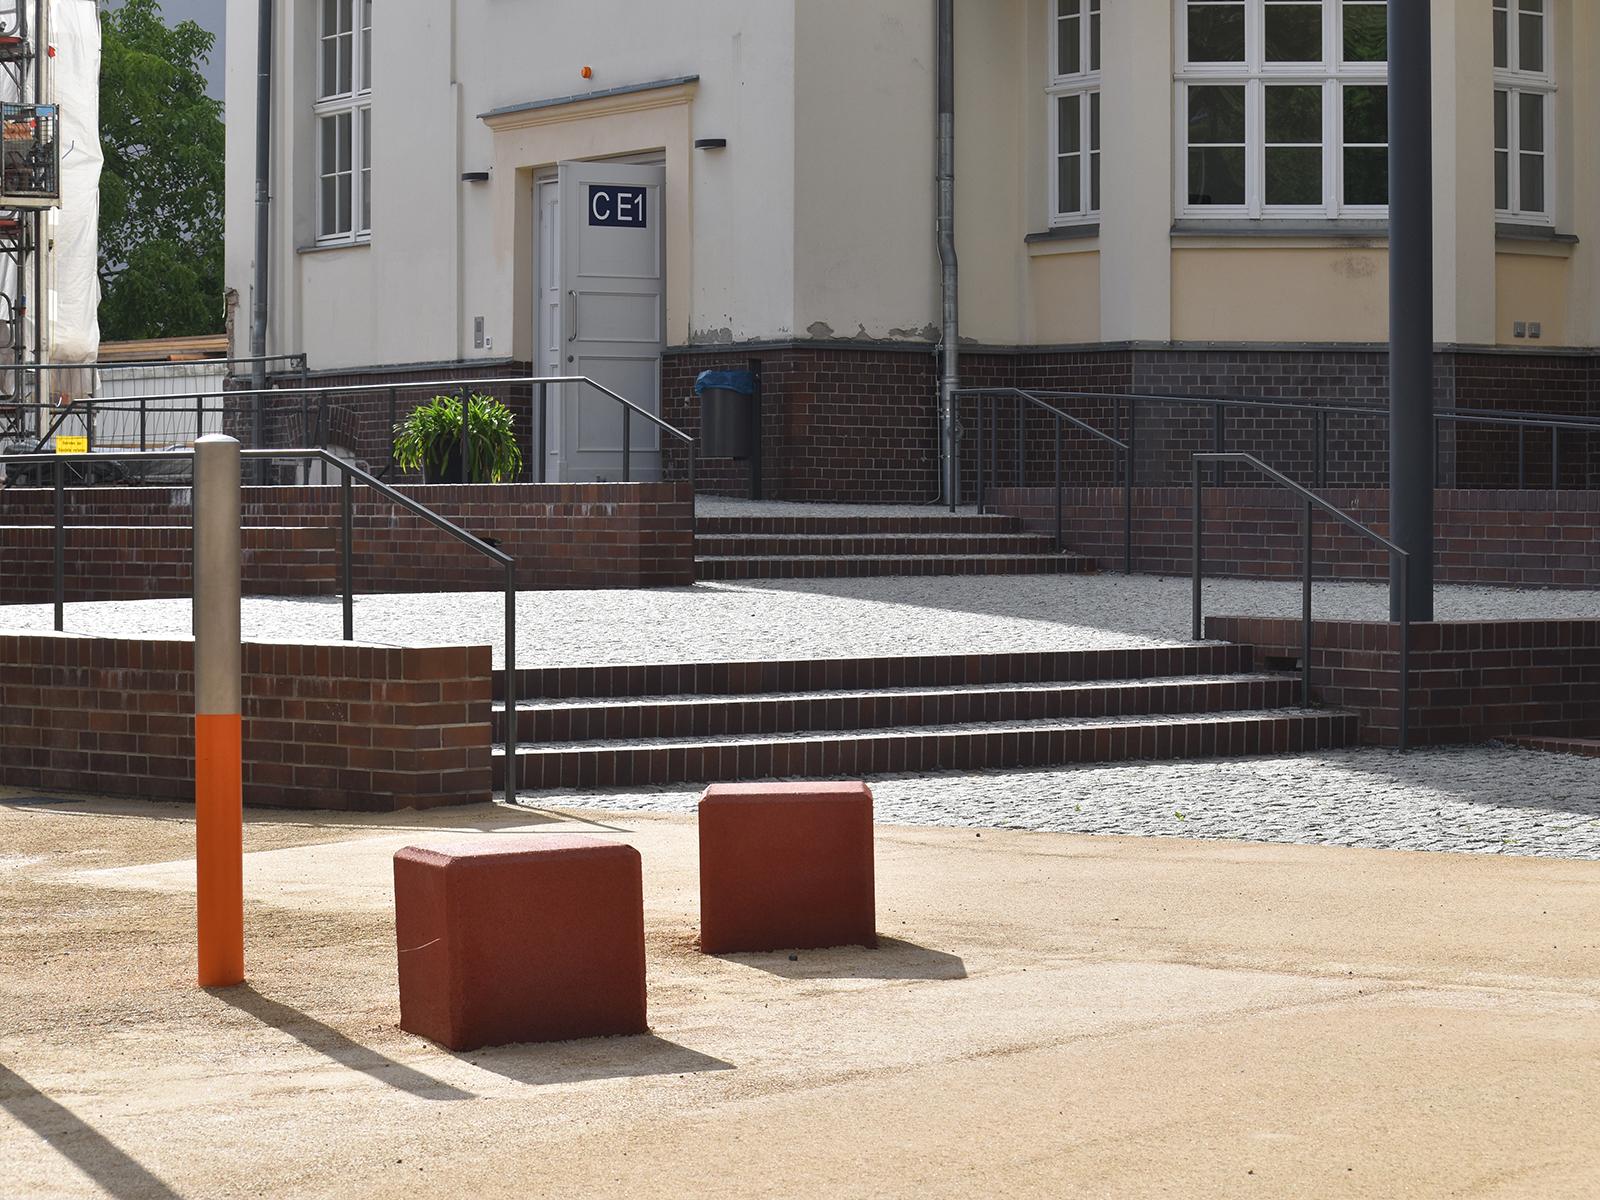 grundschule-bucholzer-strasse-berlin-barriererfreiheit-aussenanlagen-armbruster-eingang